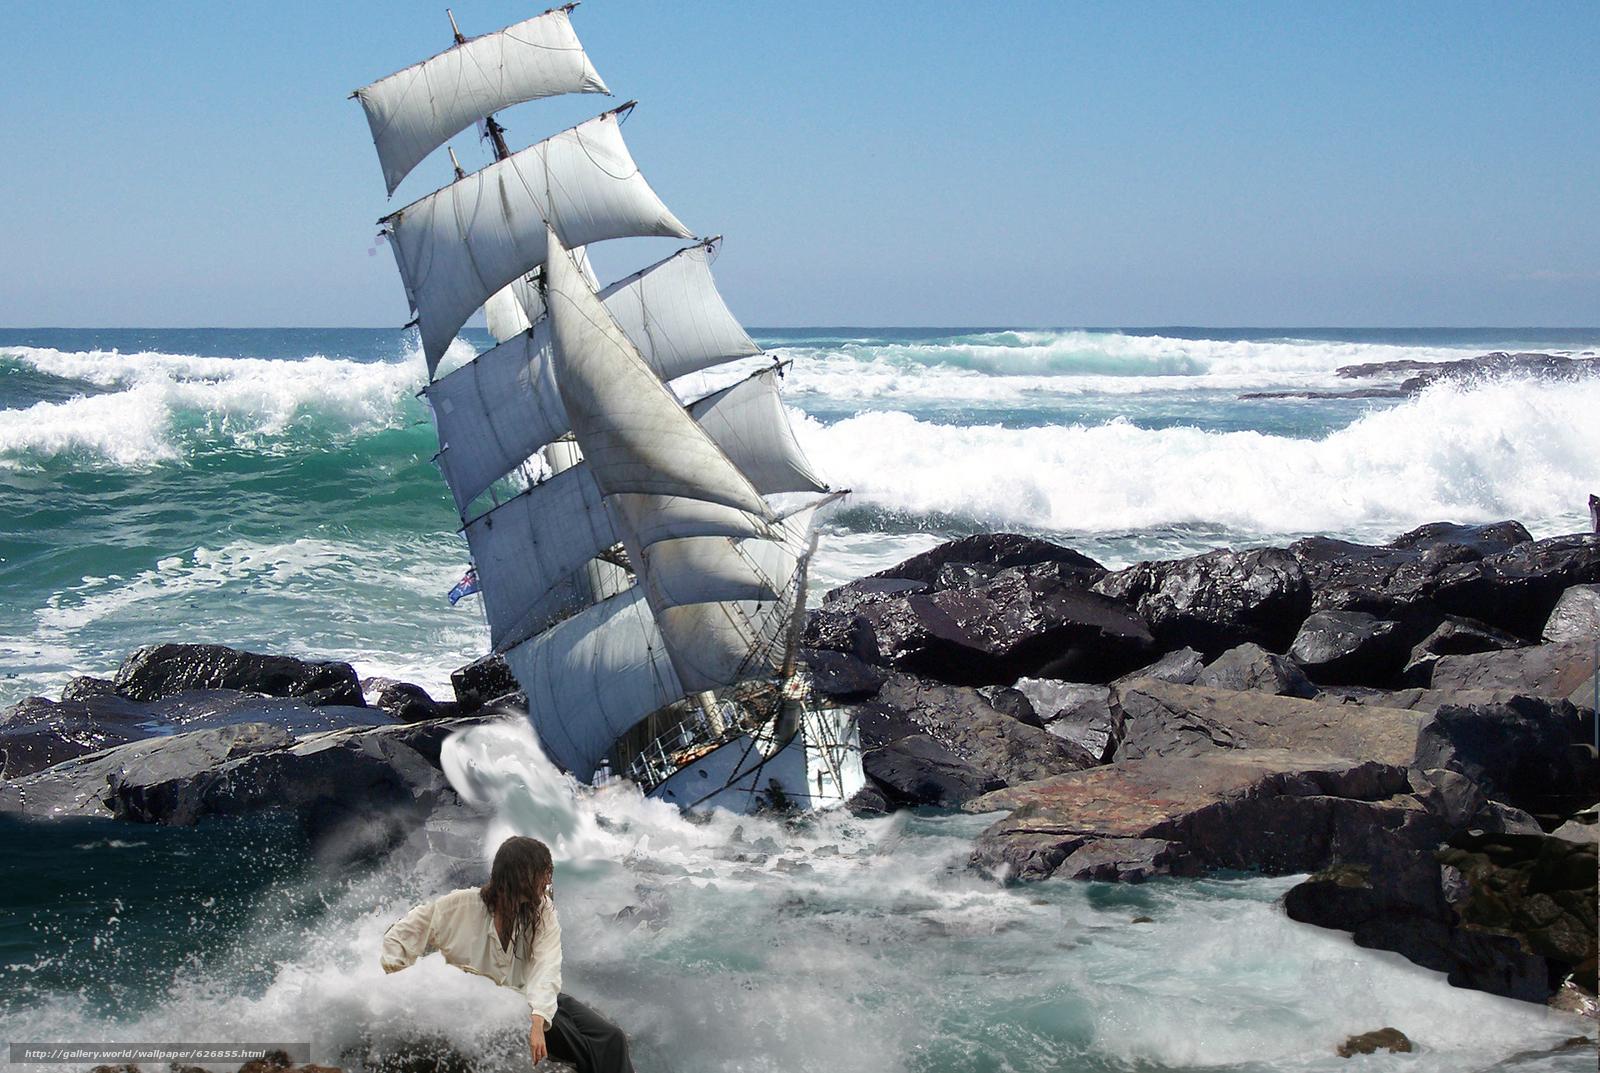 море, шторм, корабль, скалы